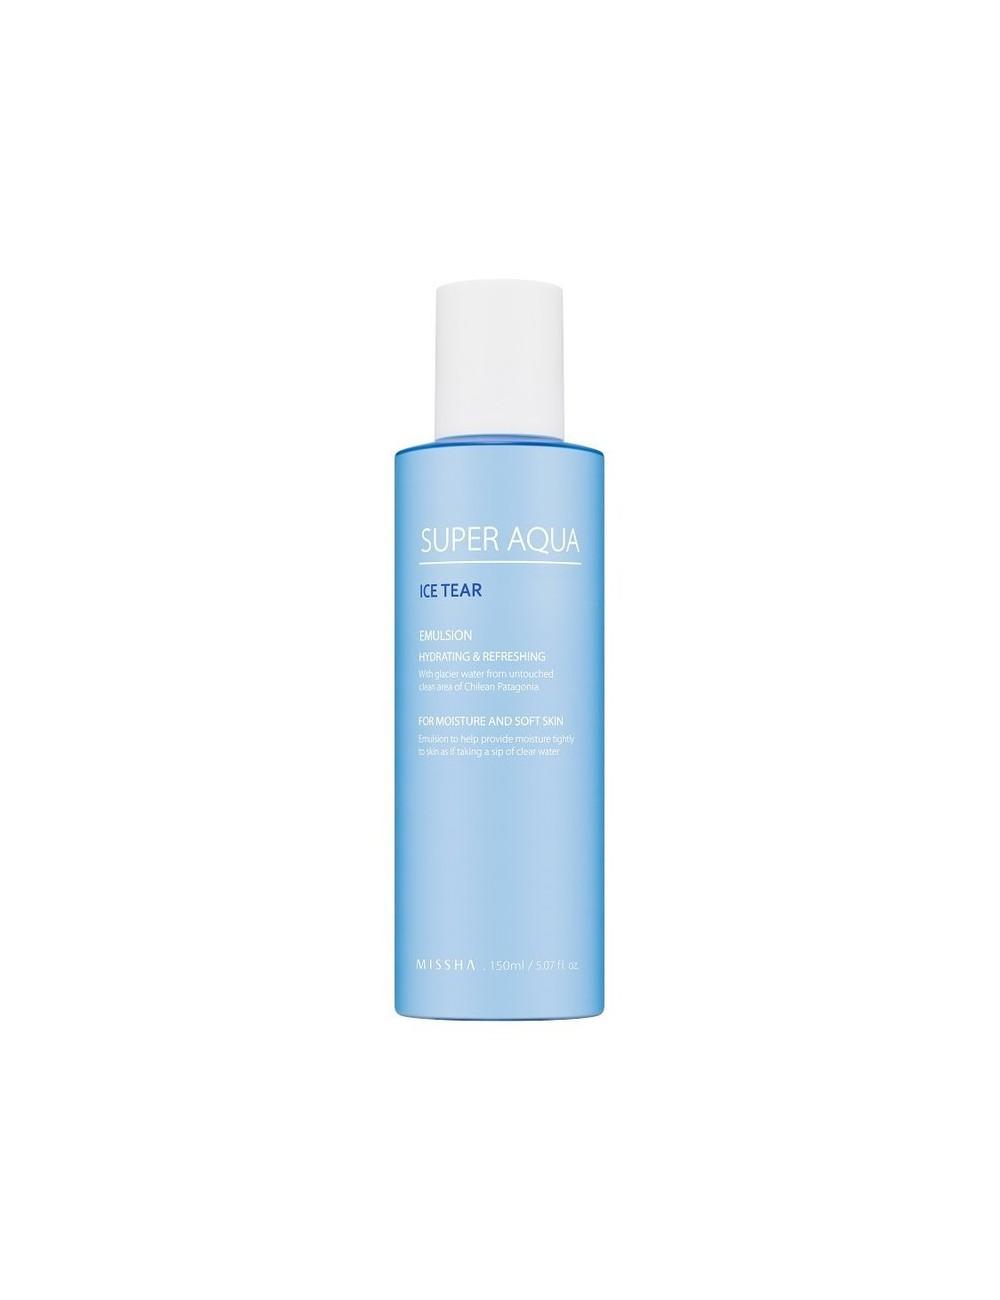 Emulsión Hidratante MISSHA Super Aqua Ice Tear Emulsion